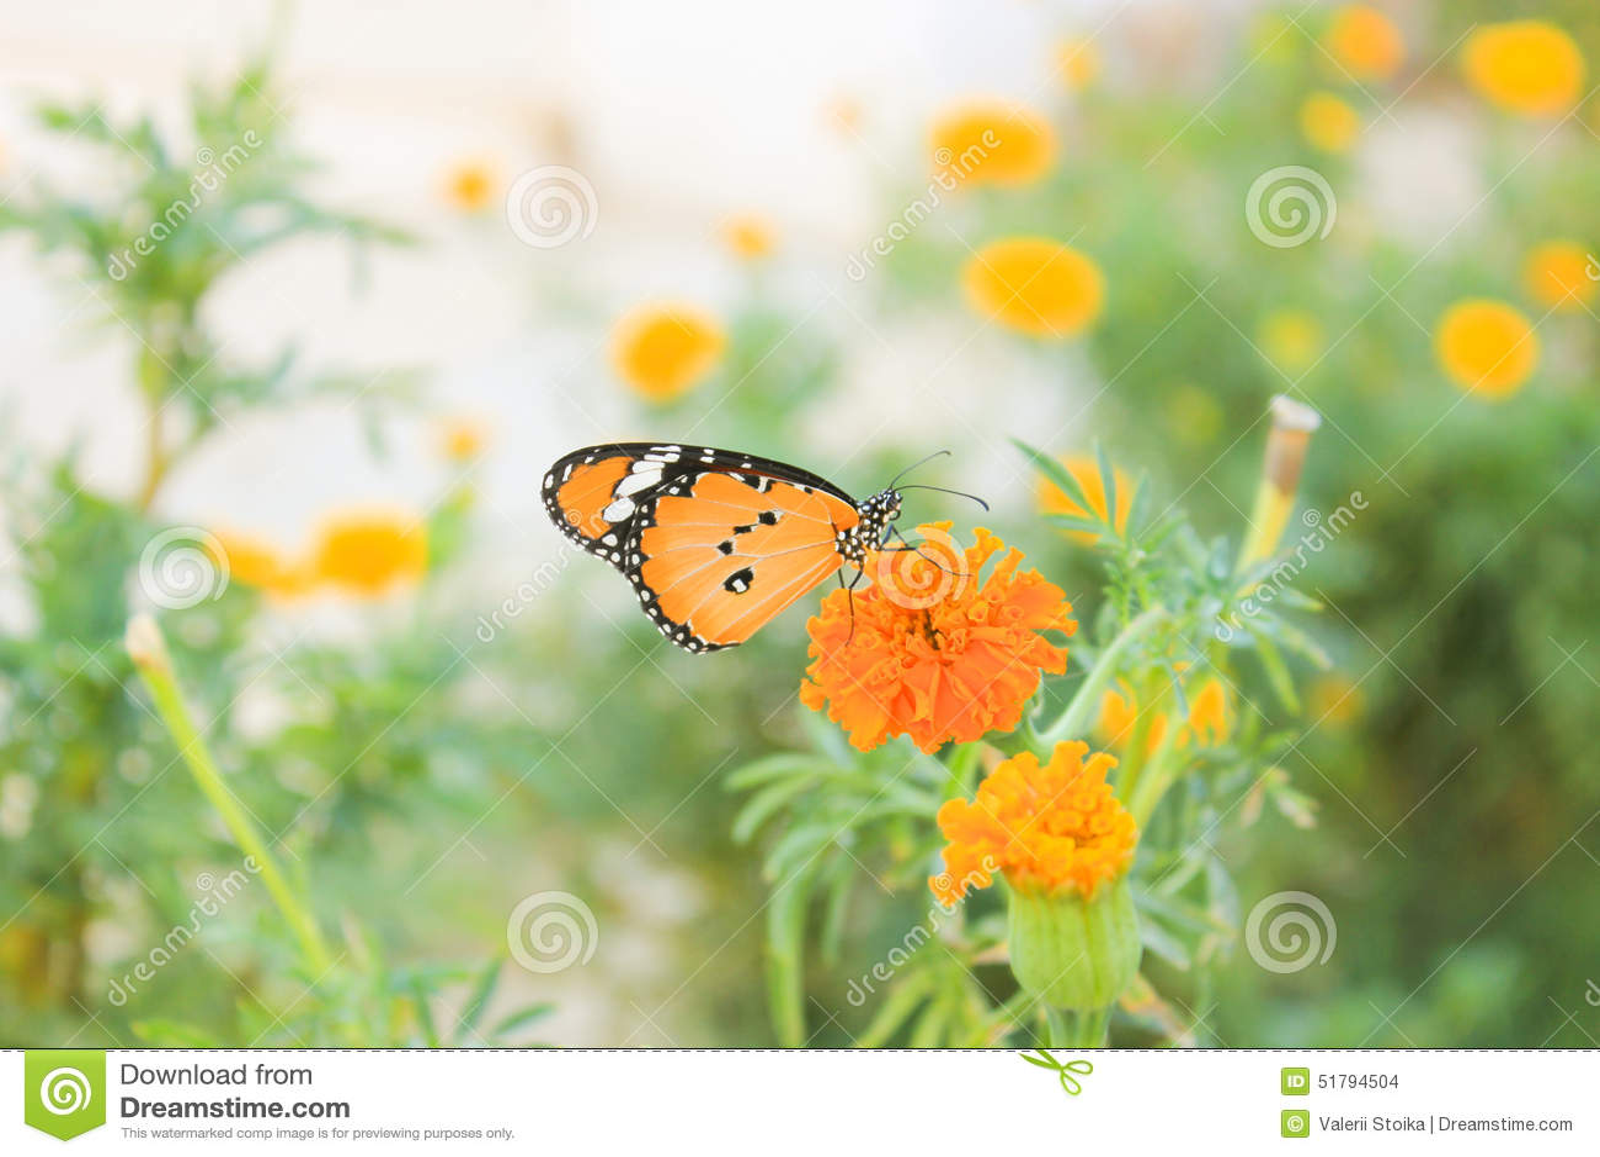 Fleurs et papillon photo stock image 51794504 - Image papillon et fleur ...